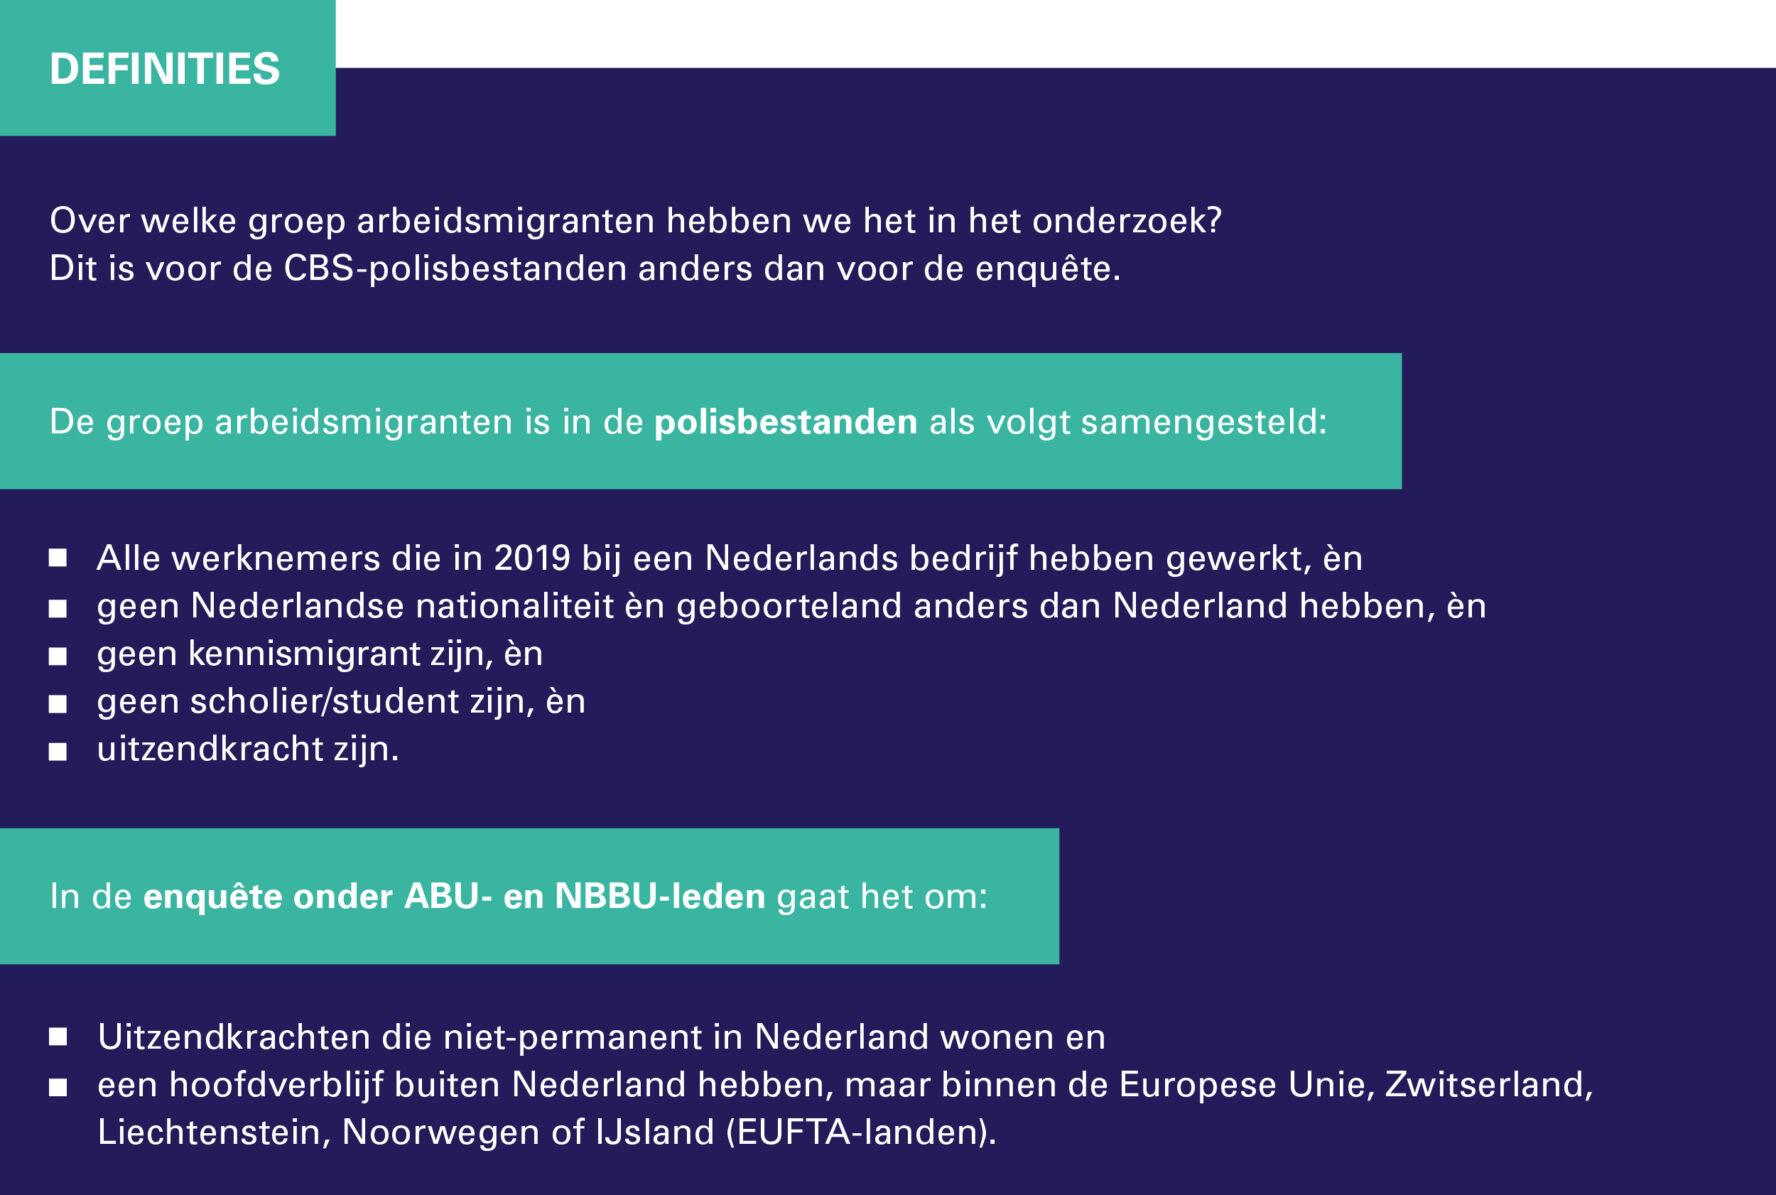 Factsheet arbeidsmigranten - Definitie van de groep arbeidsmigranten